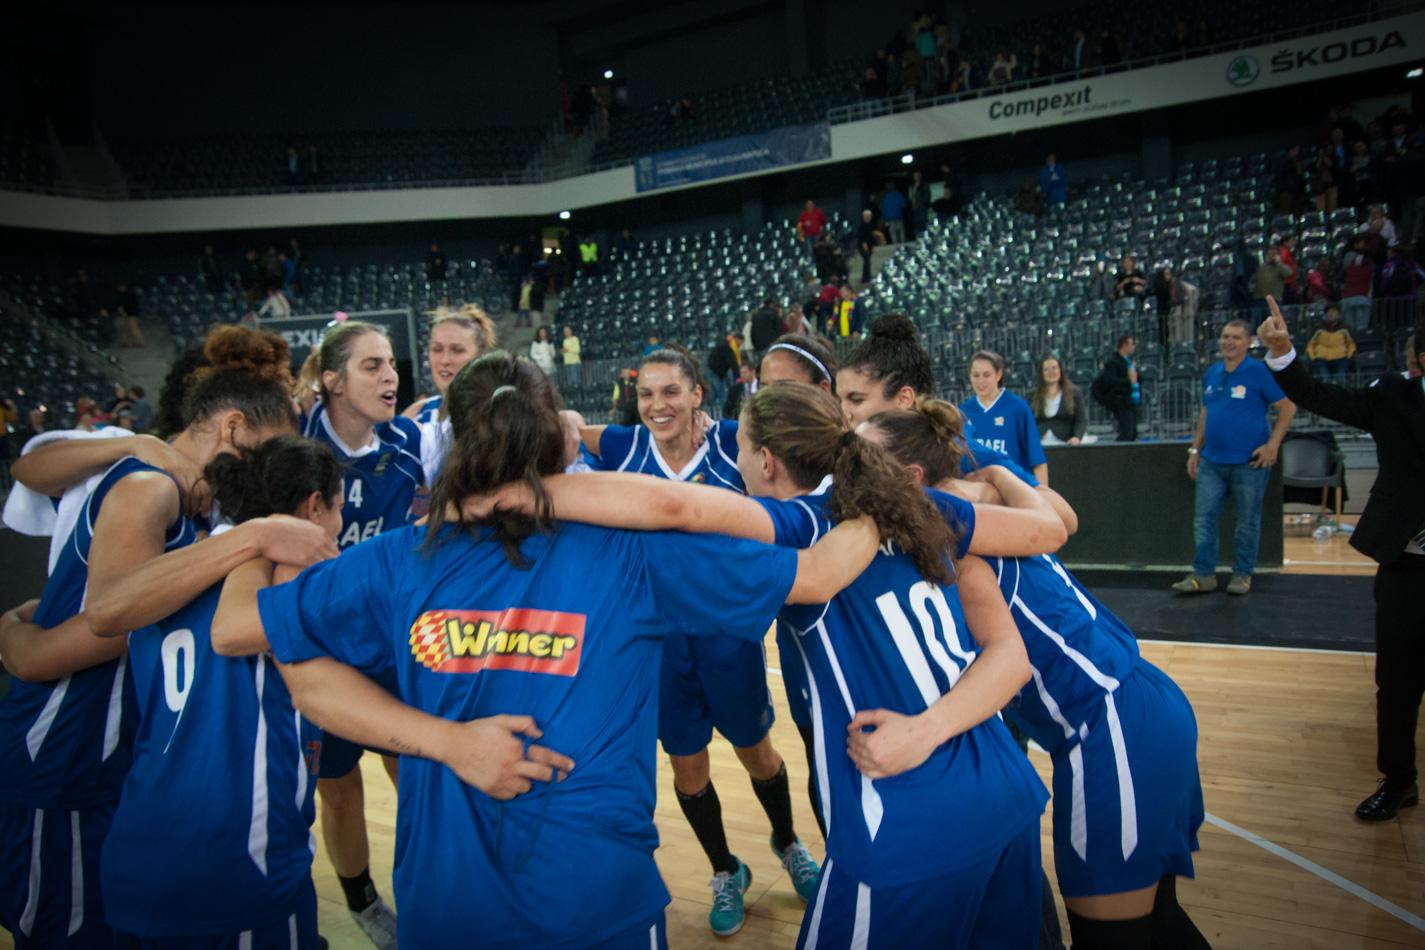 נבחרת הנשים מתחילה את הכנותיה לקראת מוקדמות אליפות אירופה 2019